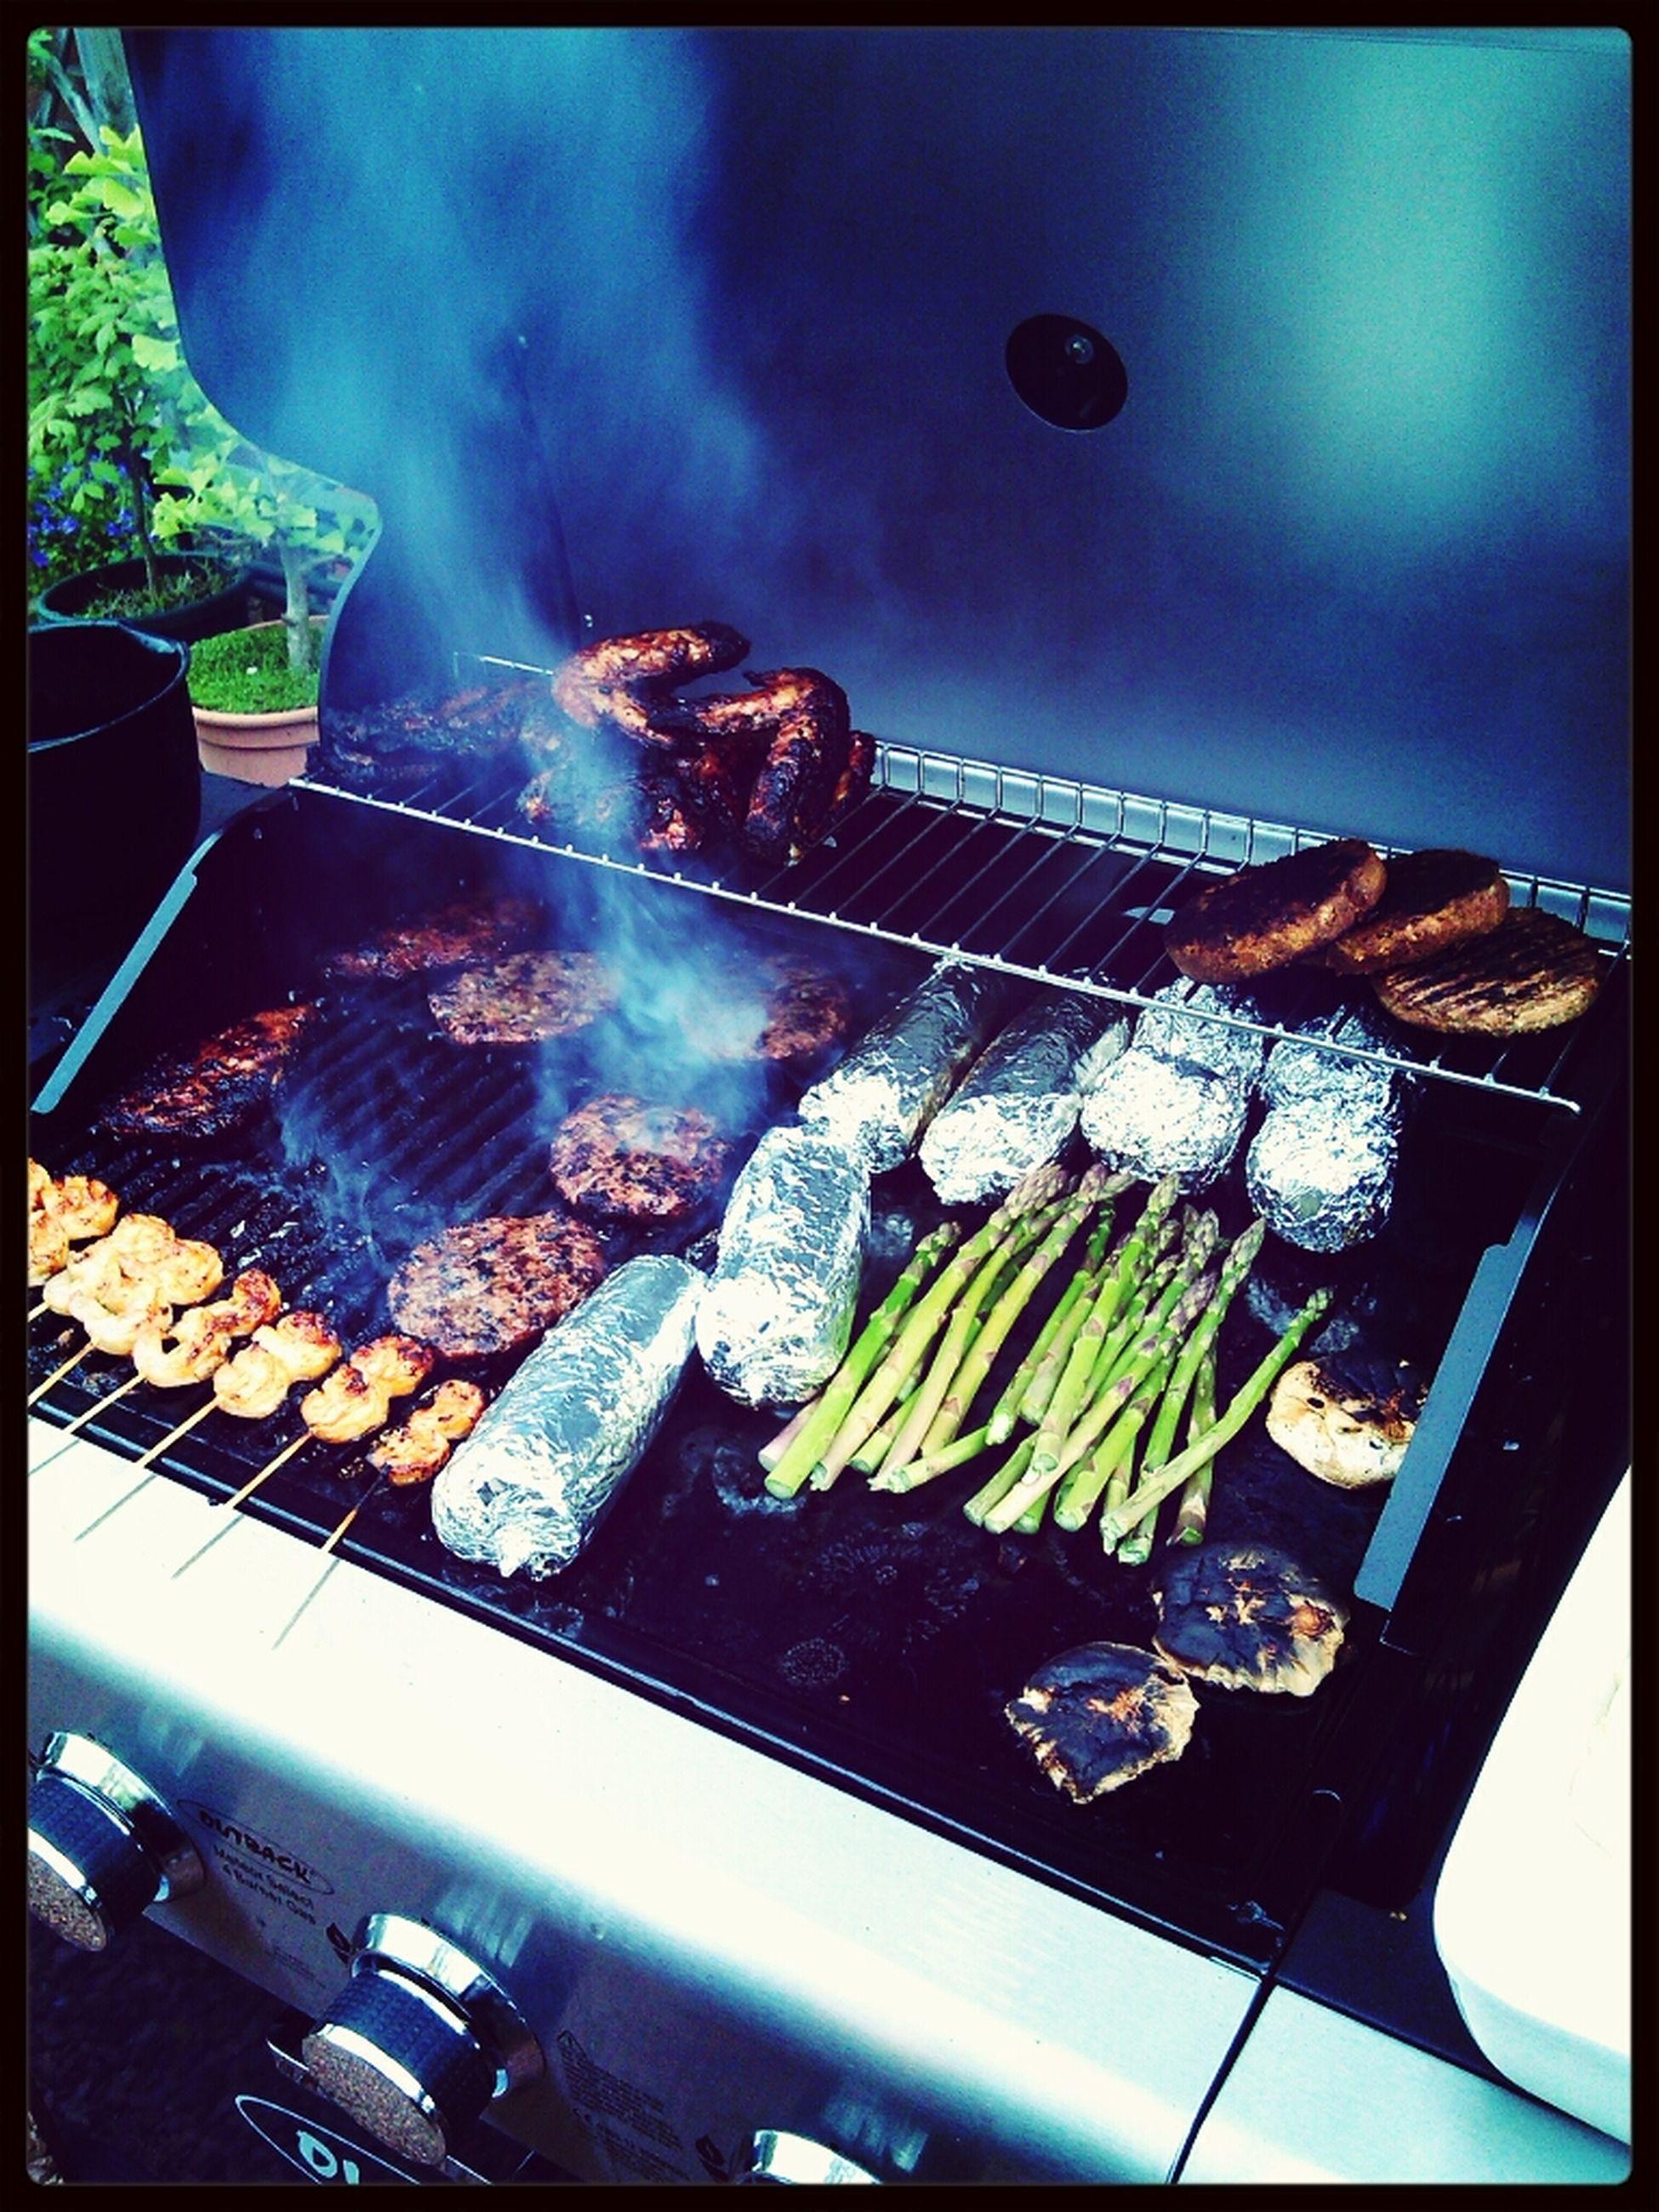 Mmmm.... BBQ!!